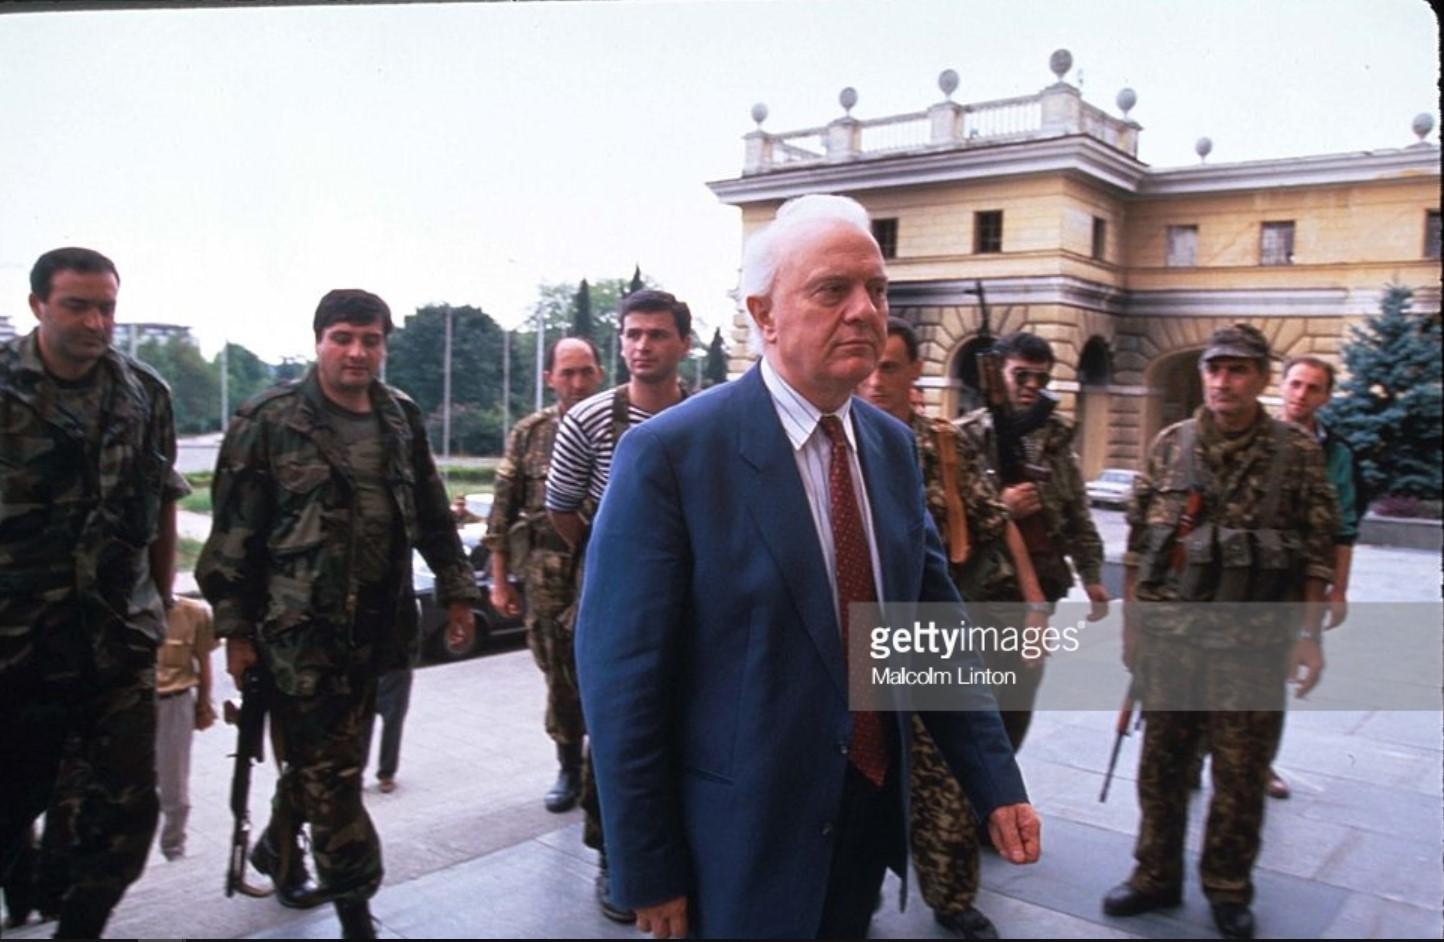 1993. Сентябрь. Сухуми. Президент Грузии Эдуард Шеварднадзе с солдатами возле здания парламента